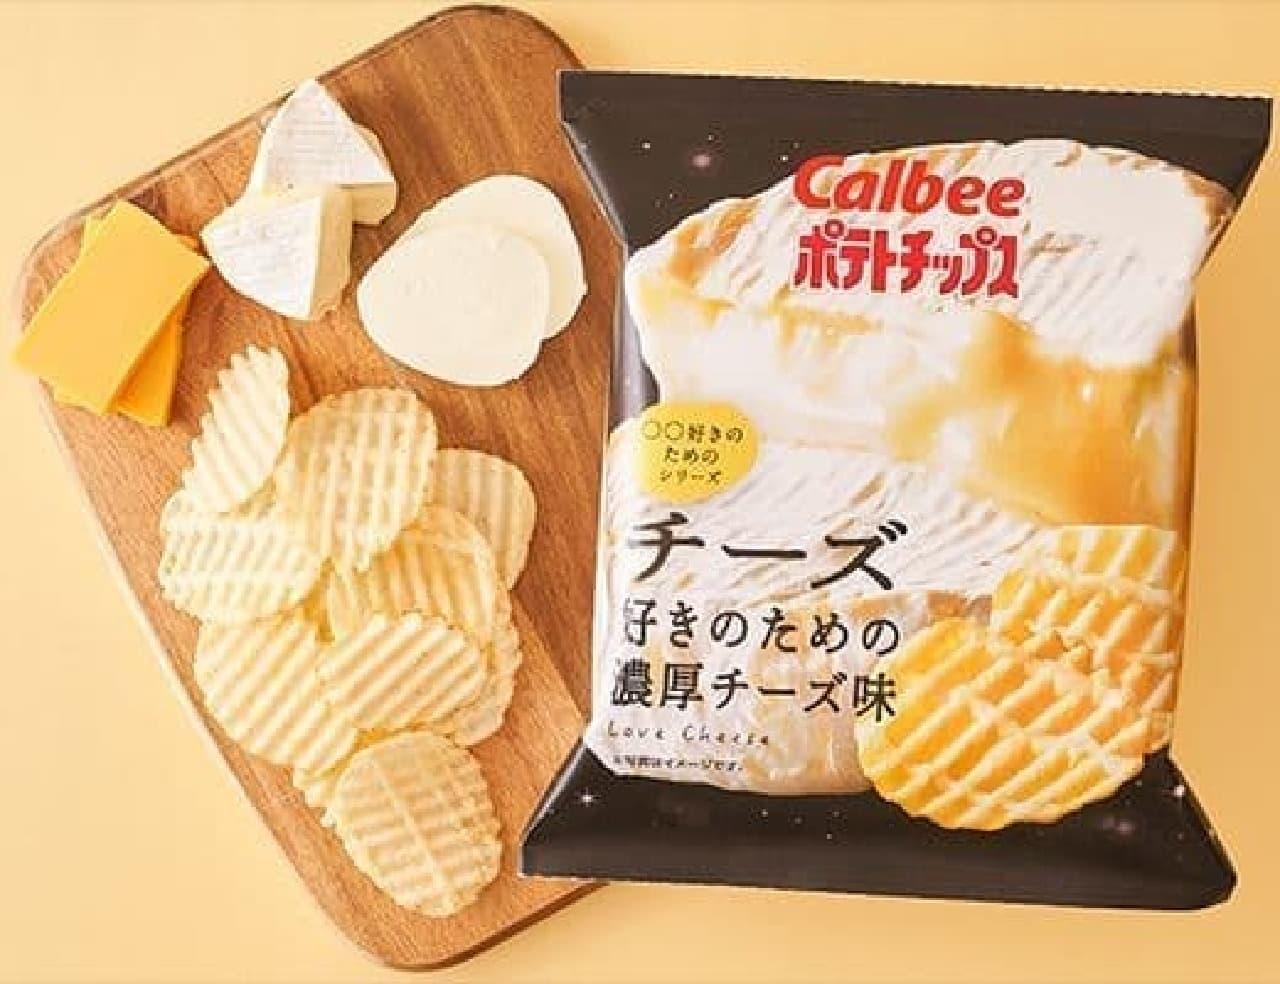 カルビー ポテトチップス チーズ好きのための濃厚チーズ味 51g